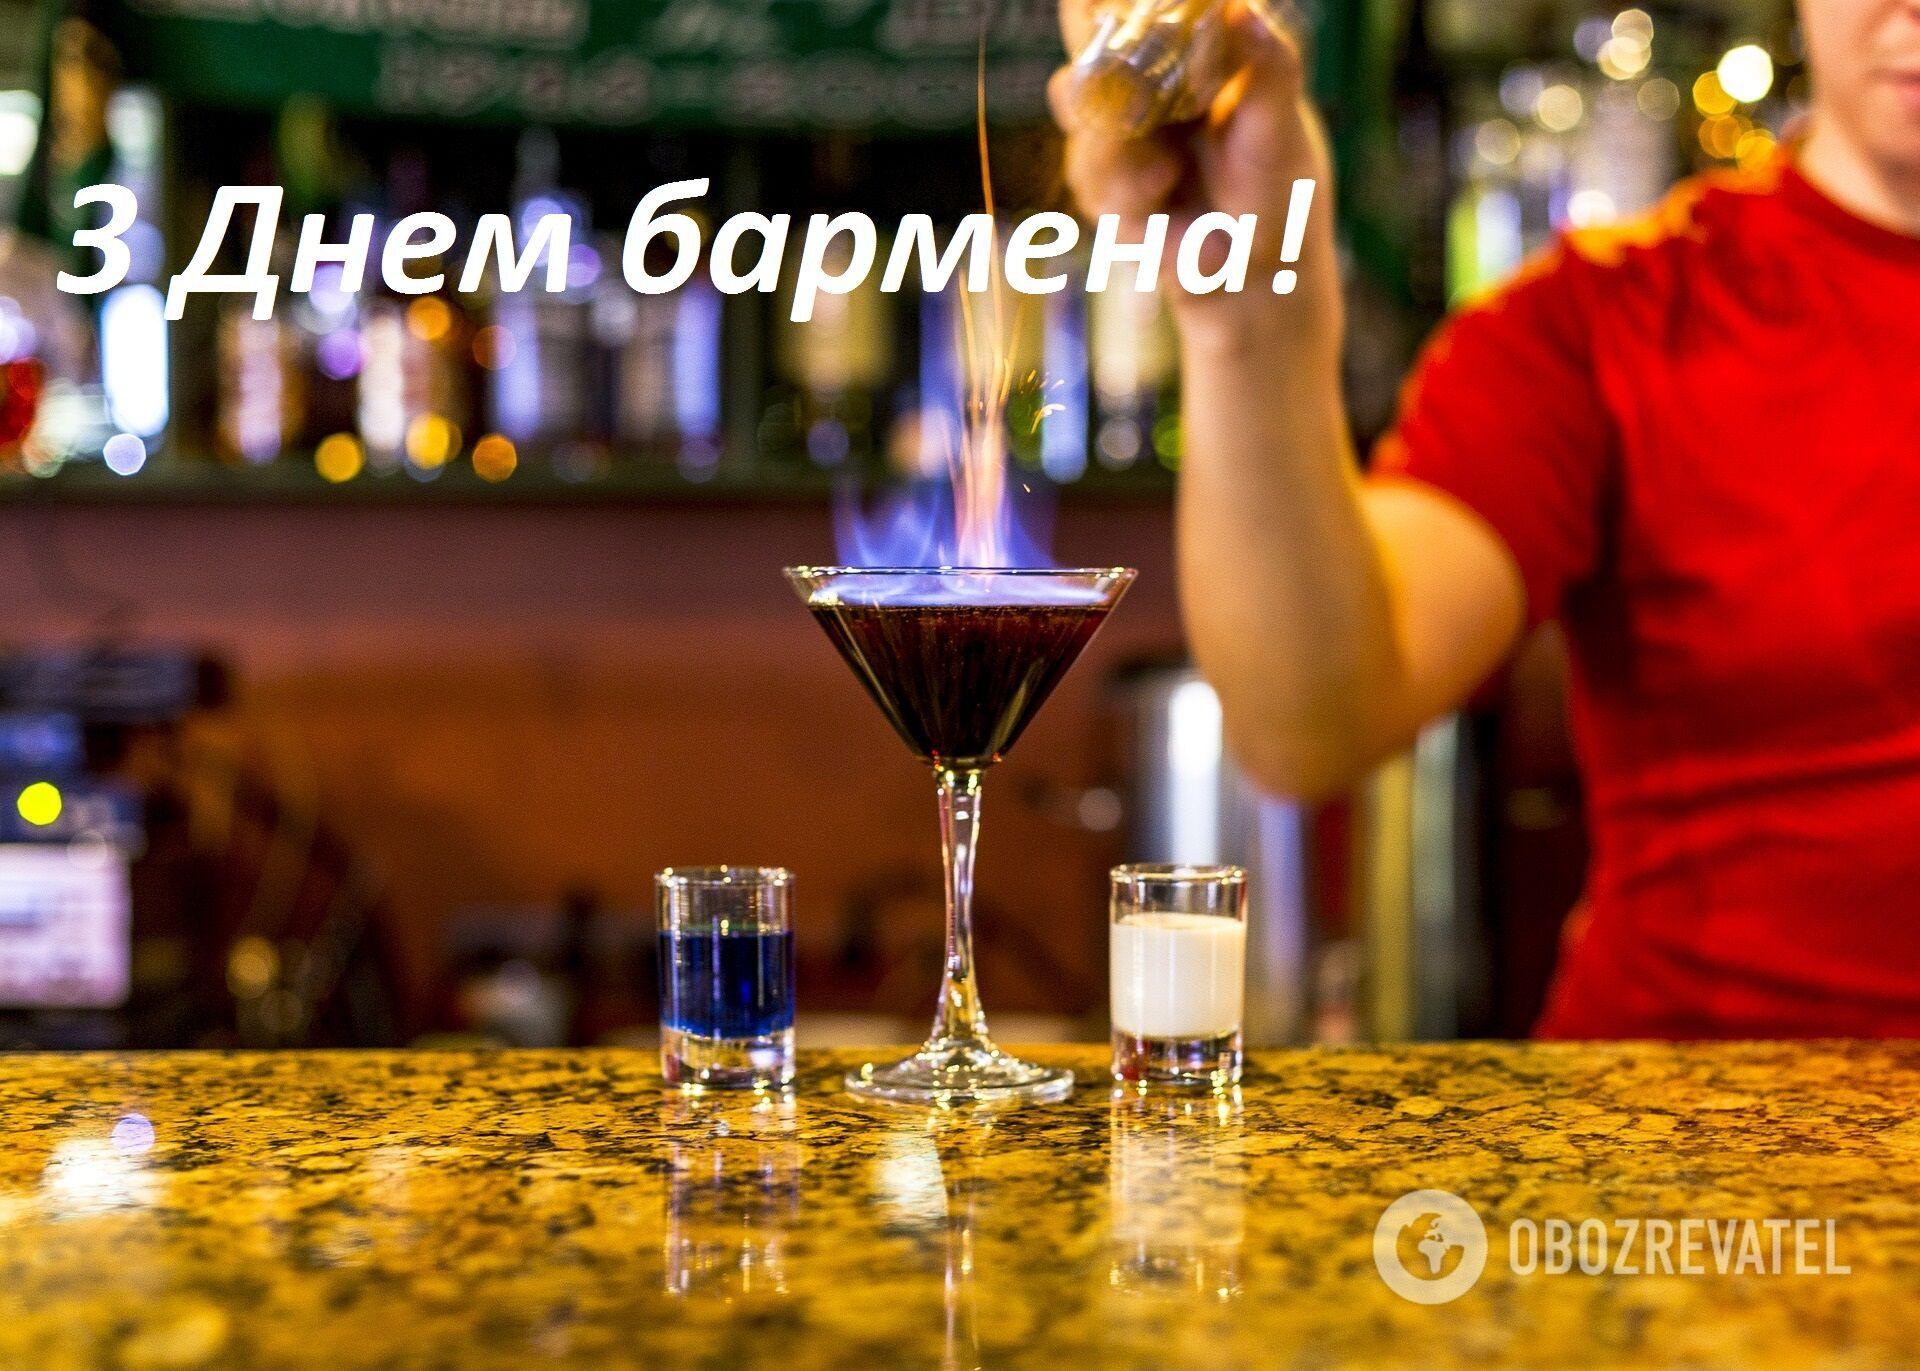 Открытка в День бармена